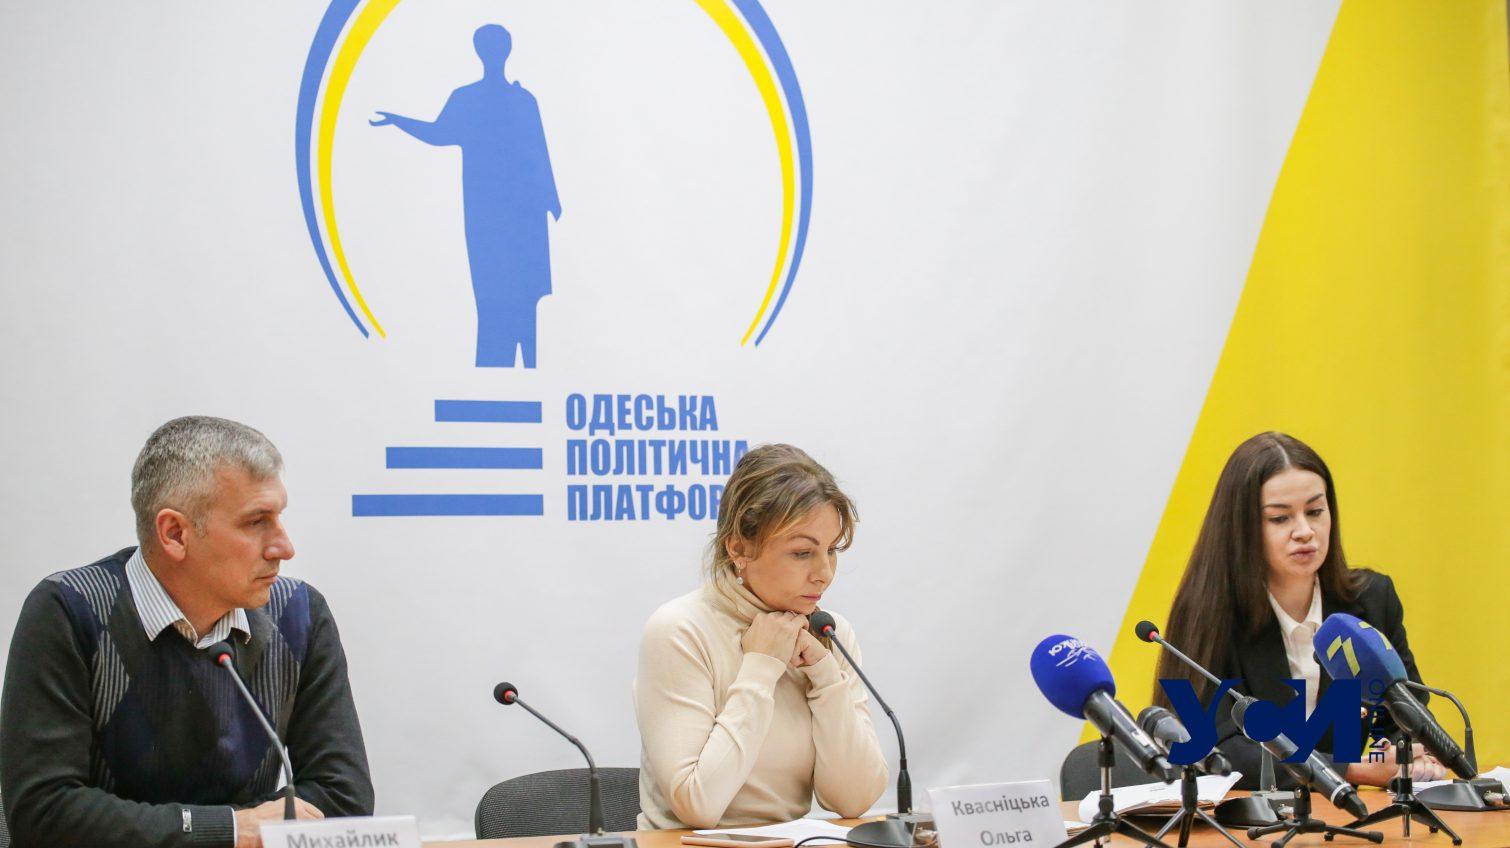 Одесские моряки снова будут протестовать против коррупции «фото»